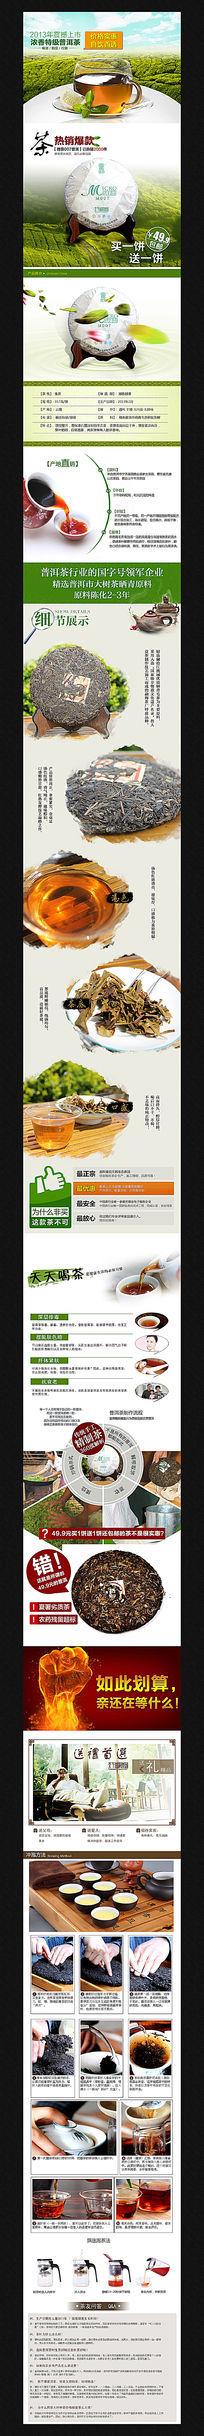 淘宝天猫茶叶详情描述页素材